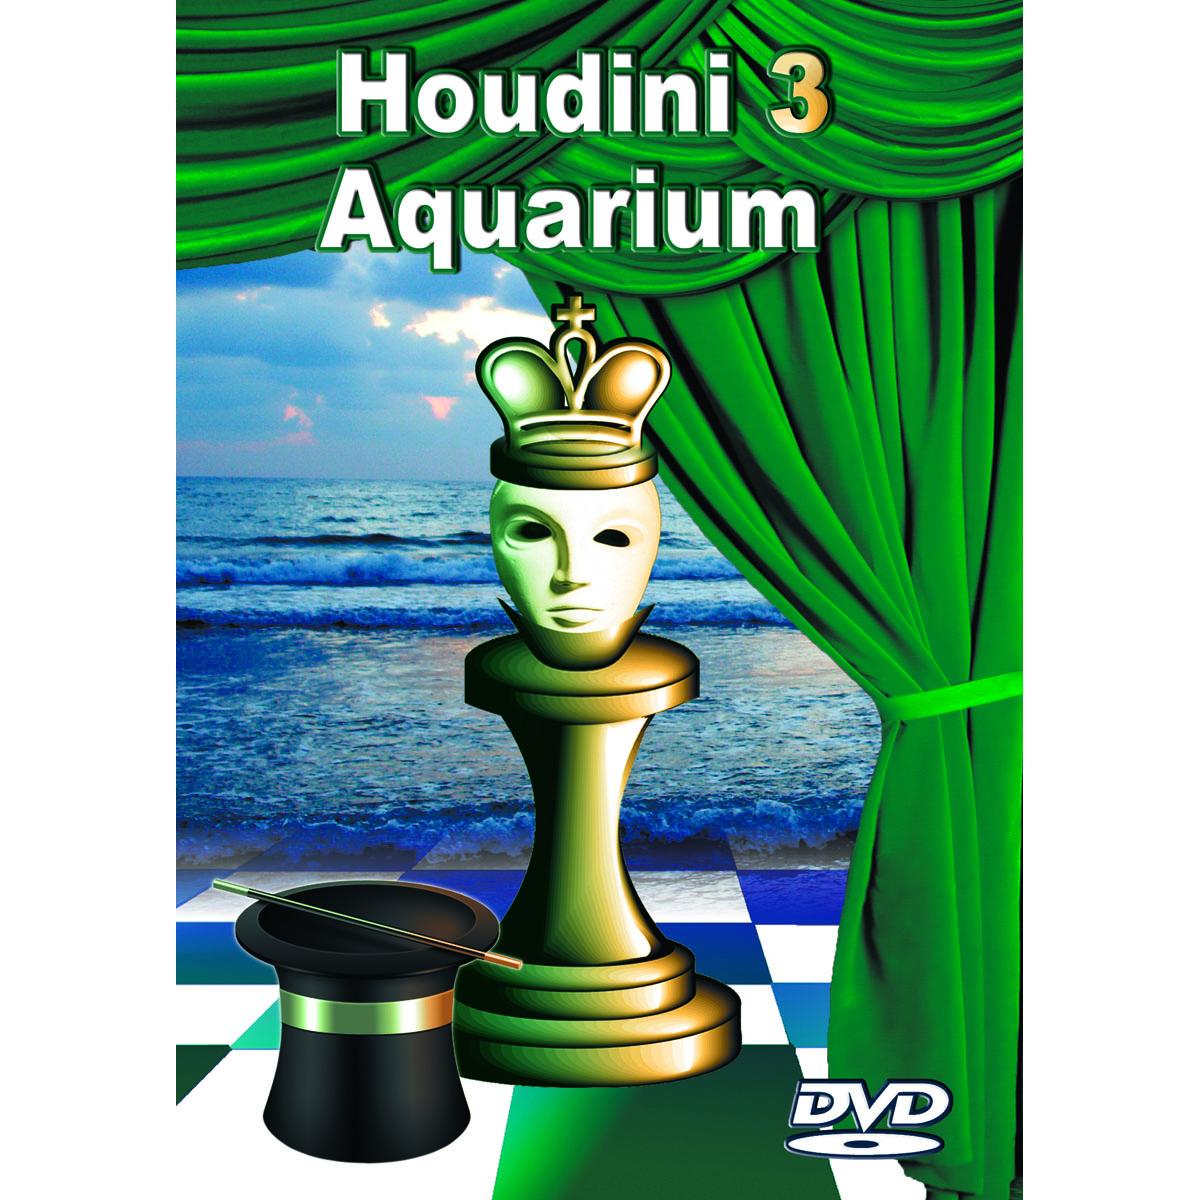 Houdini32